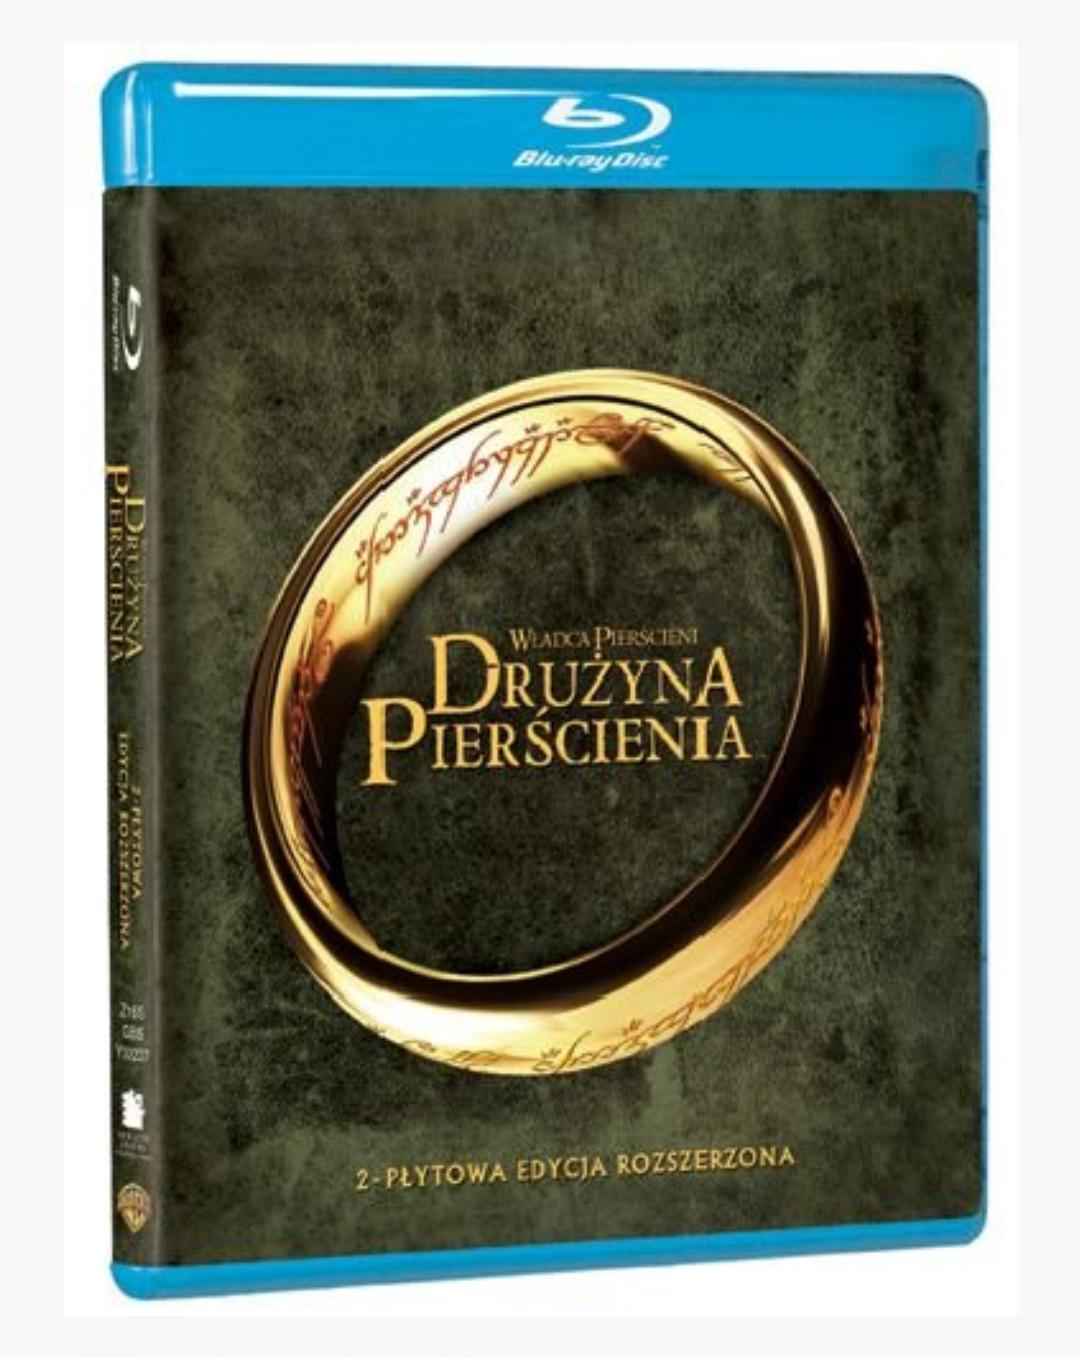 Blu-Ray Władca pierścieni: Drużyna pierścienia (edycja rozszerzona) + pozostałe części (Empik)